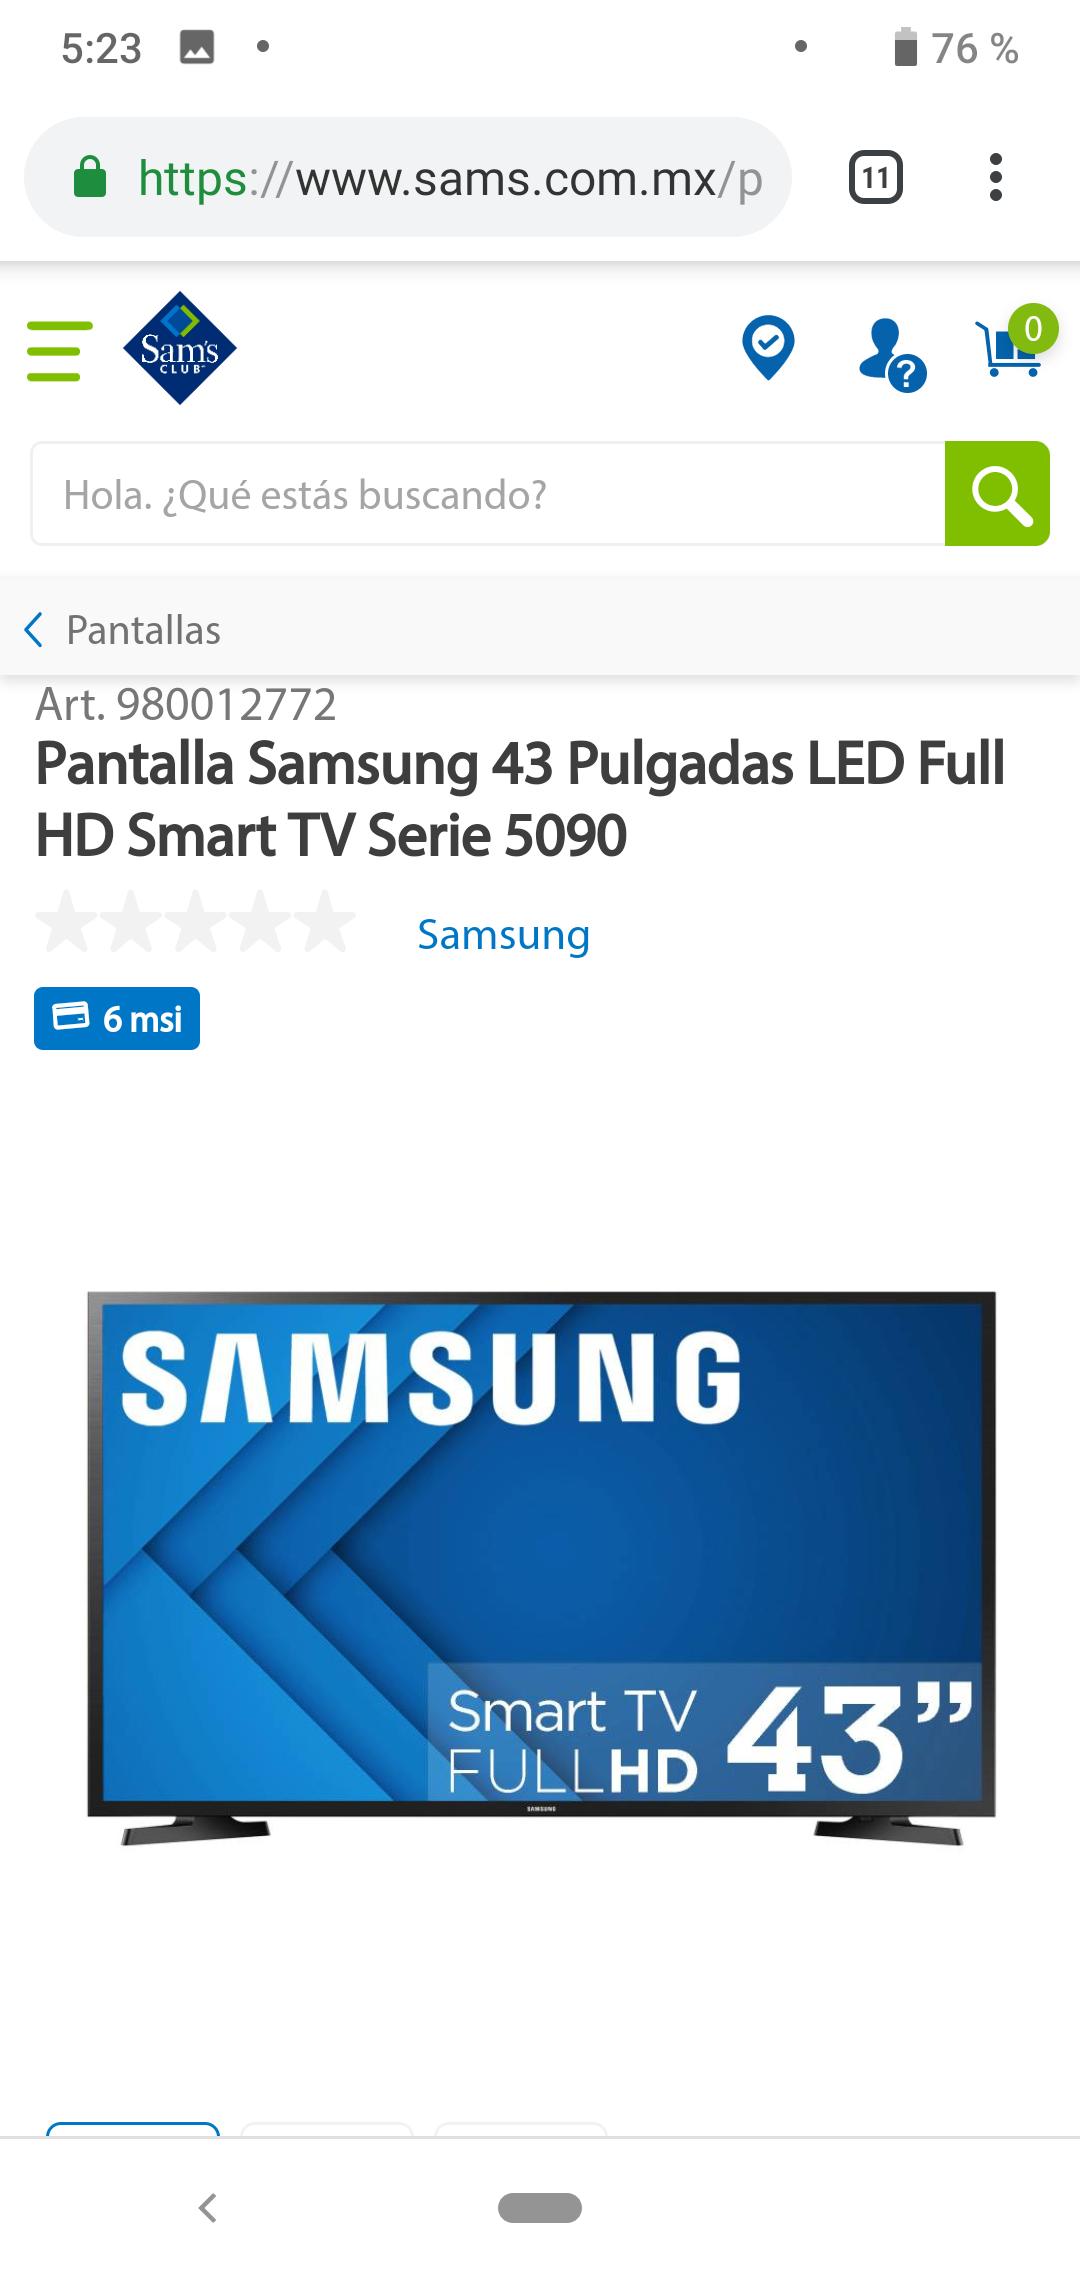 Sam's Club: Samsung Smart TV FULL HD 43'' (Pagando con Bancomer a 18MSI)